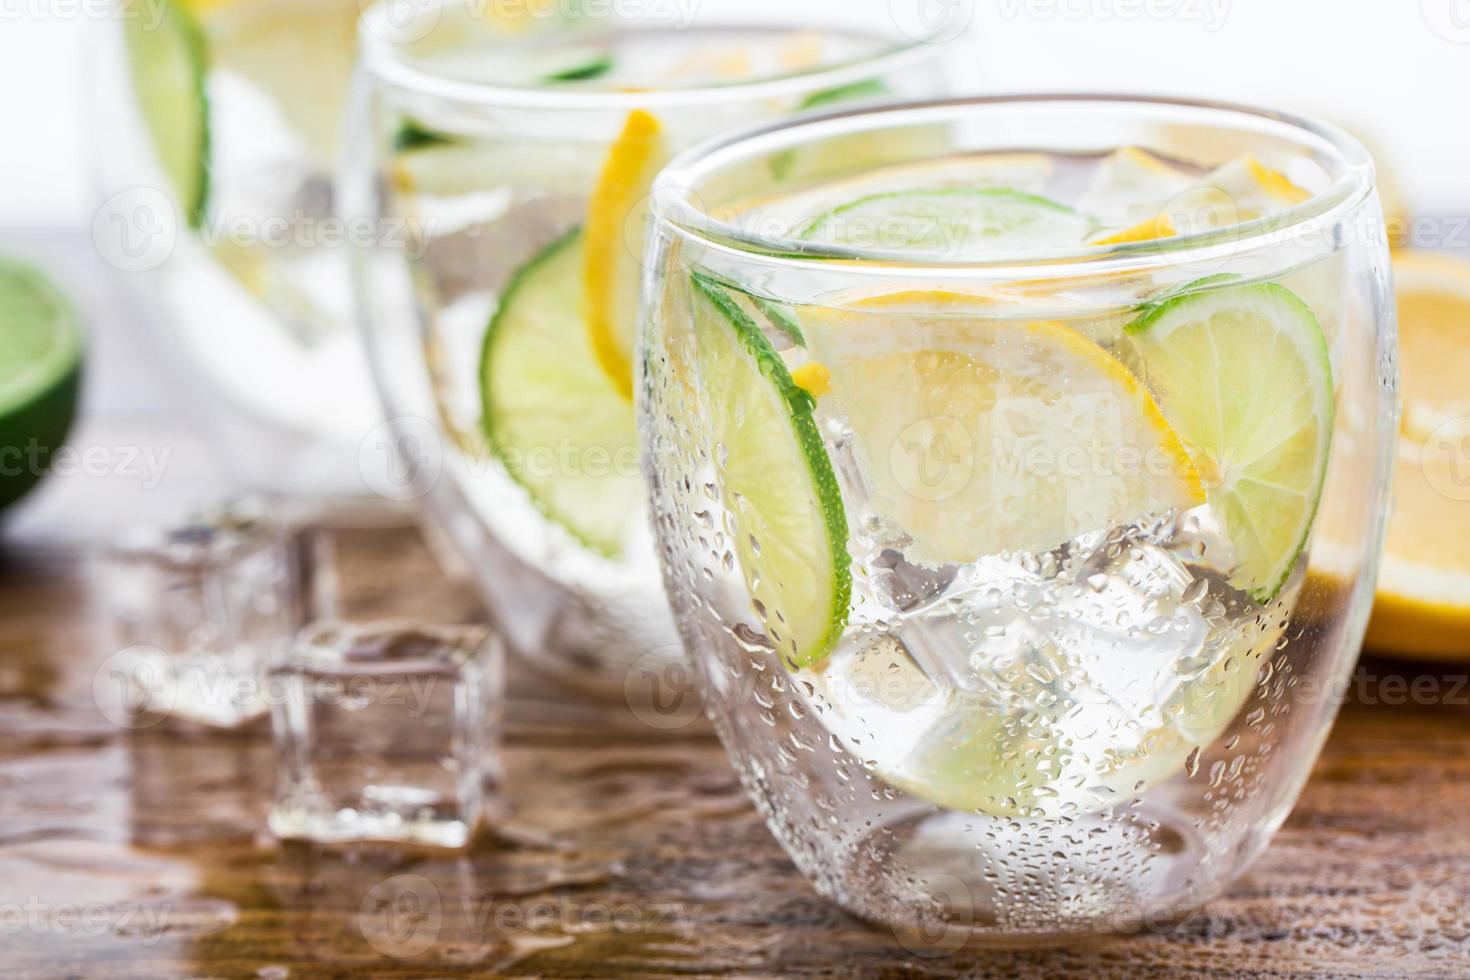 limonada fresca fría foto